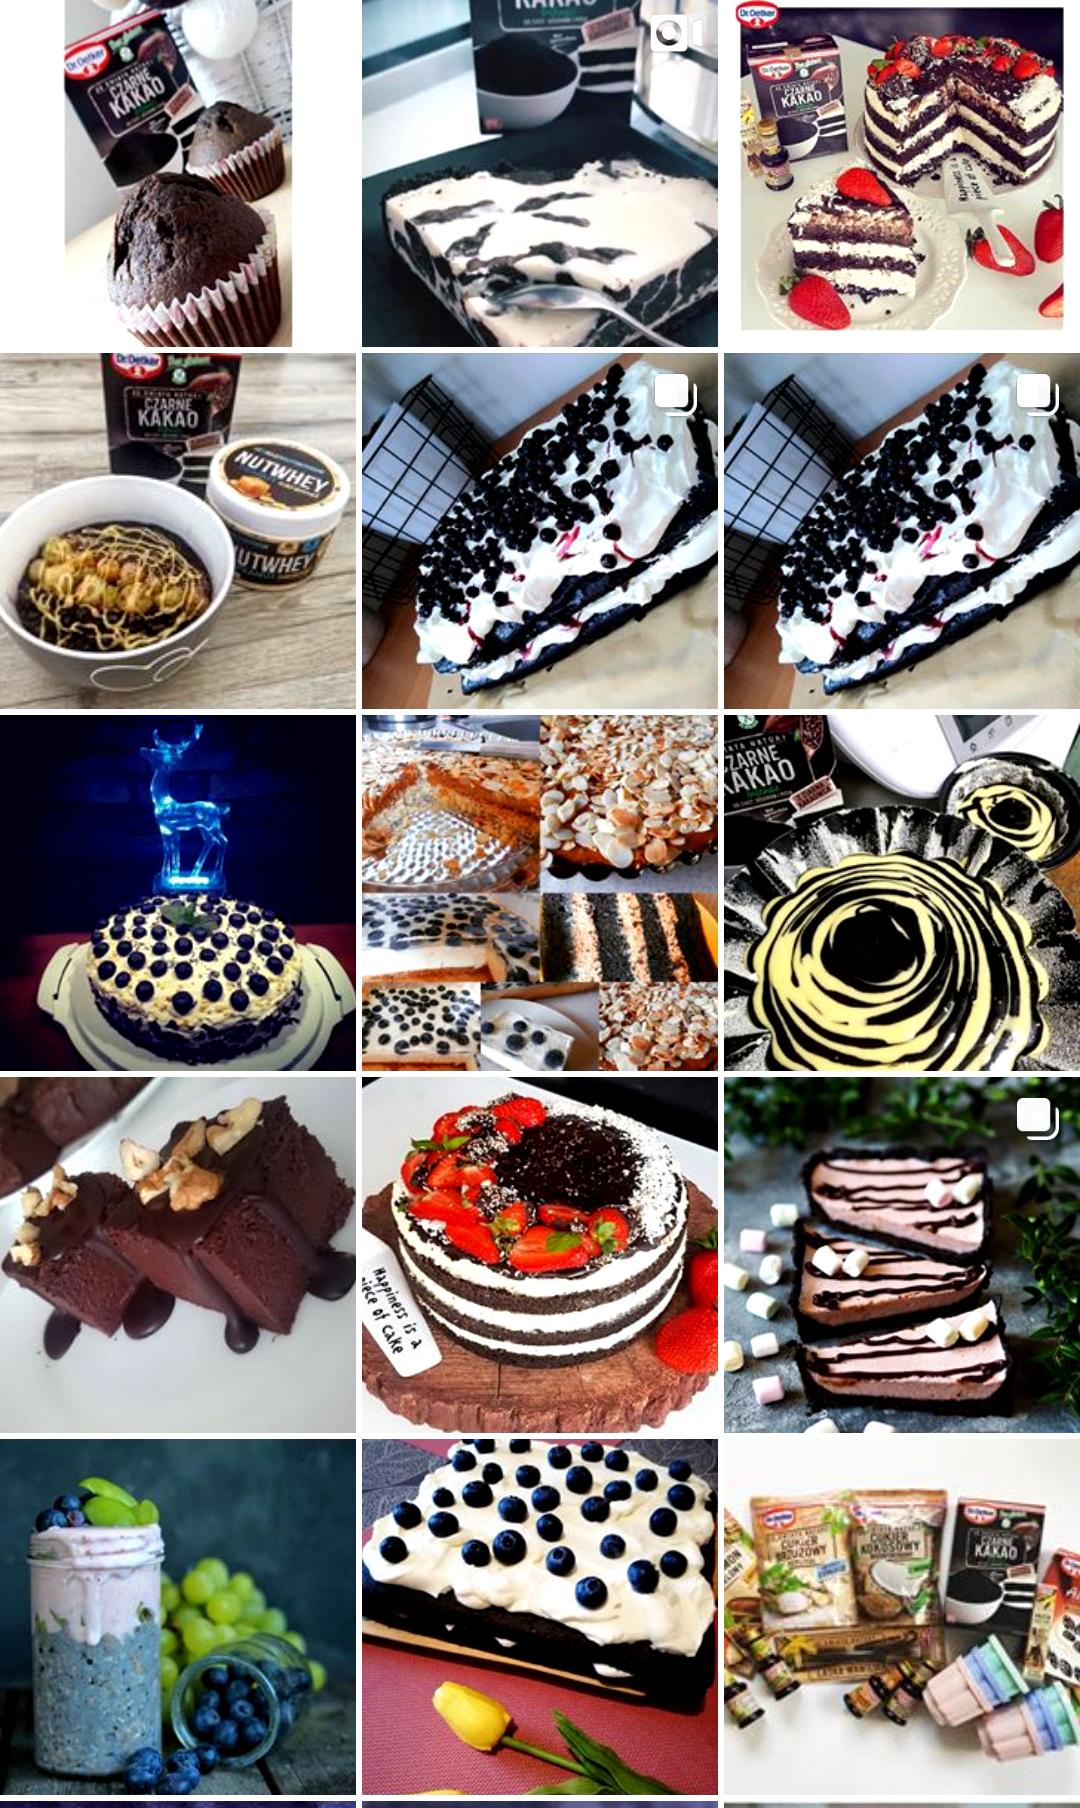 Czarne kakao - zdjęcia z instagrama